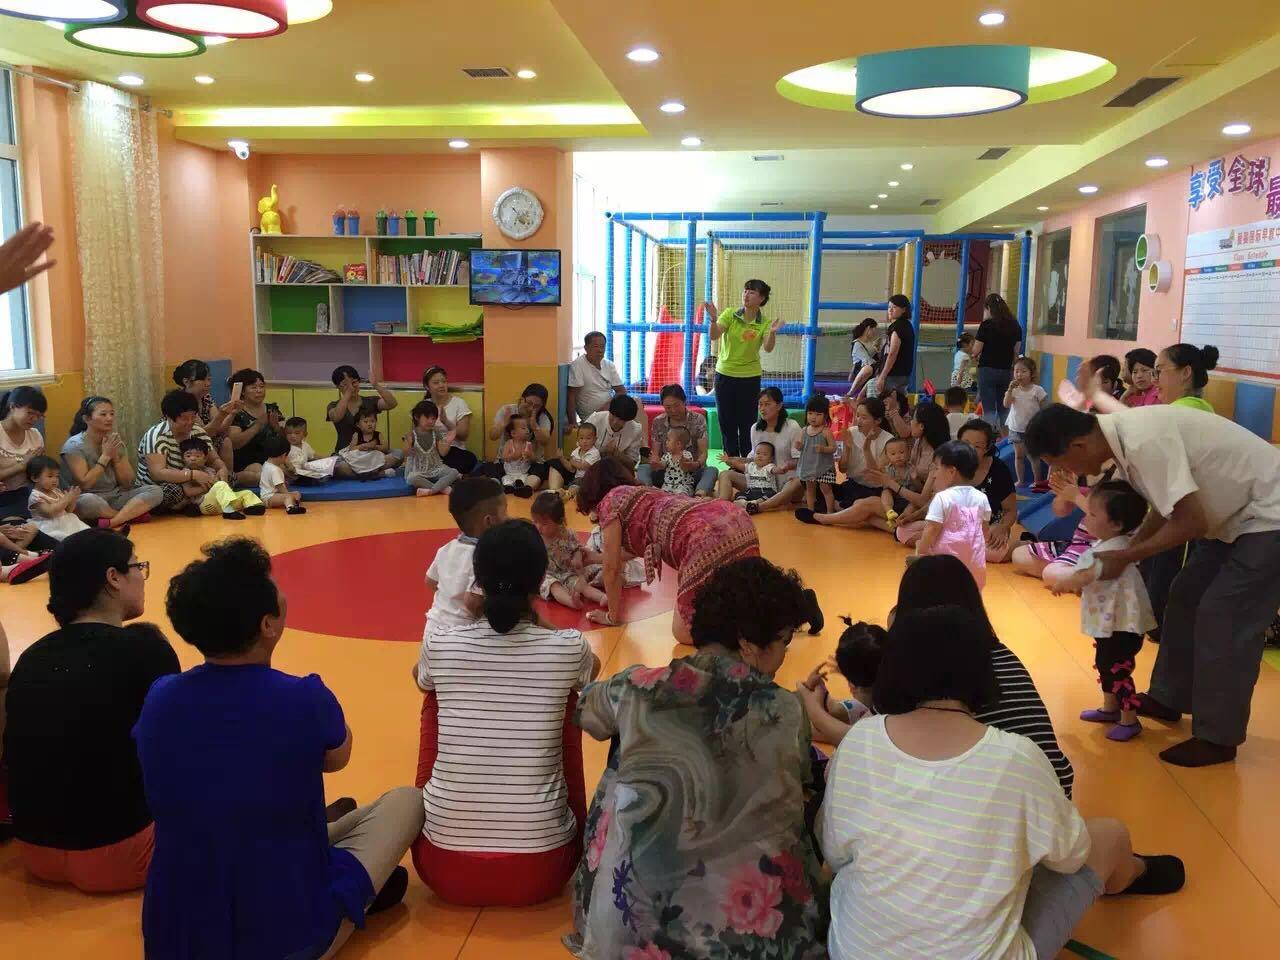 亲子园:帮助家长学习如何为人父母